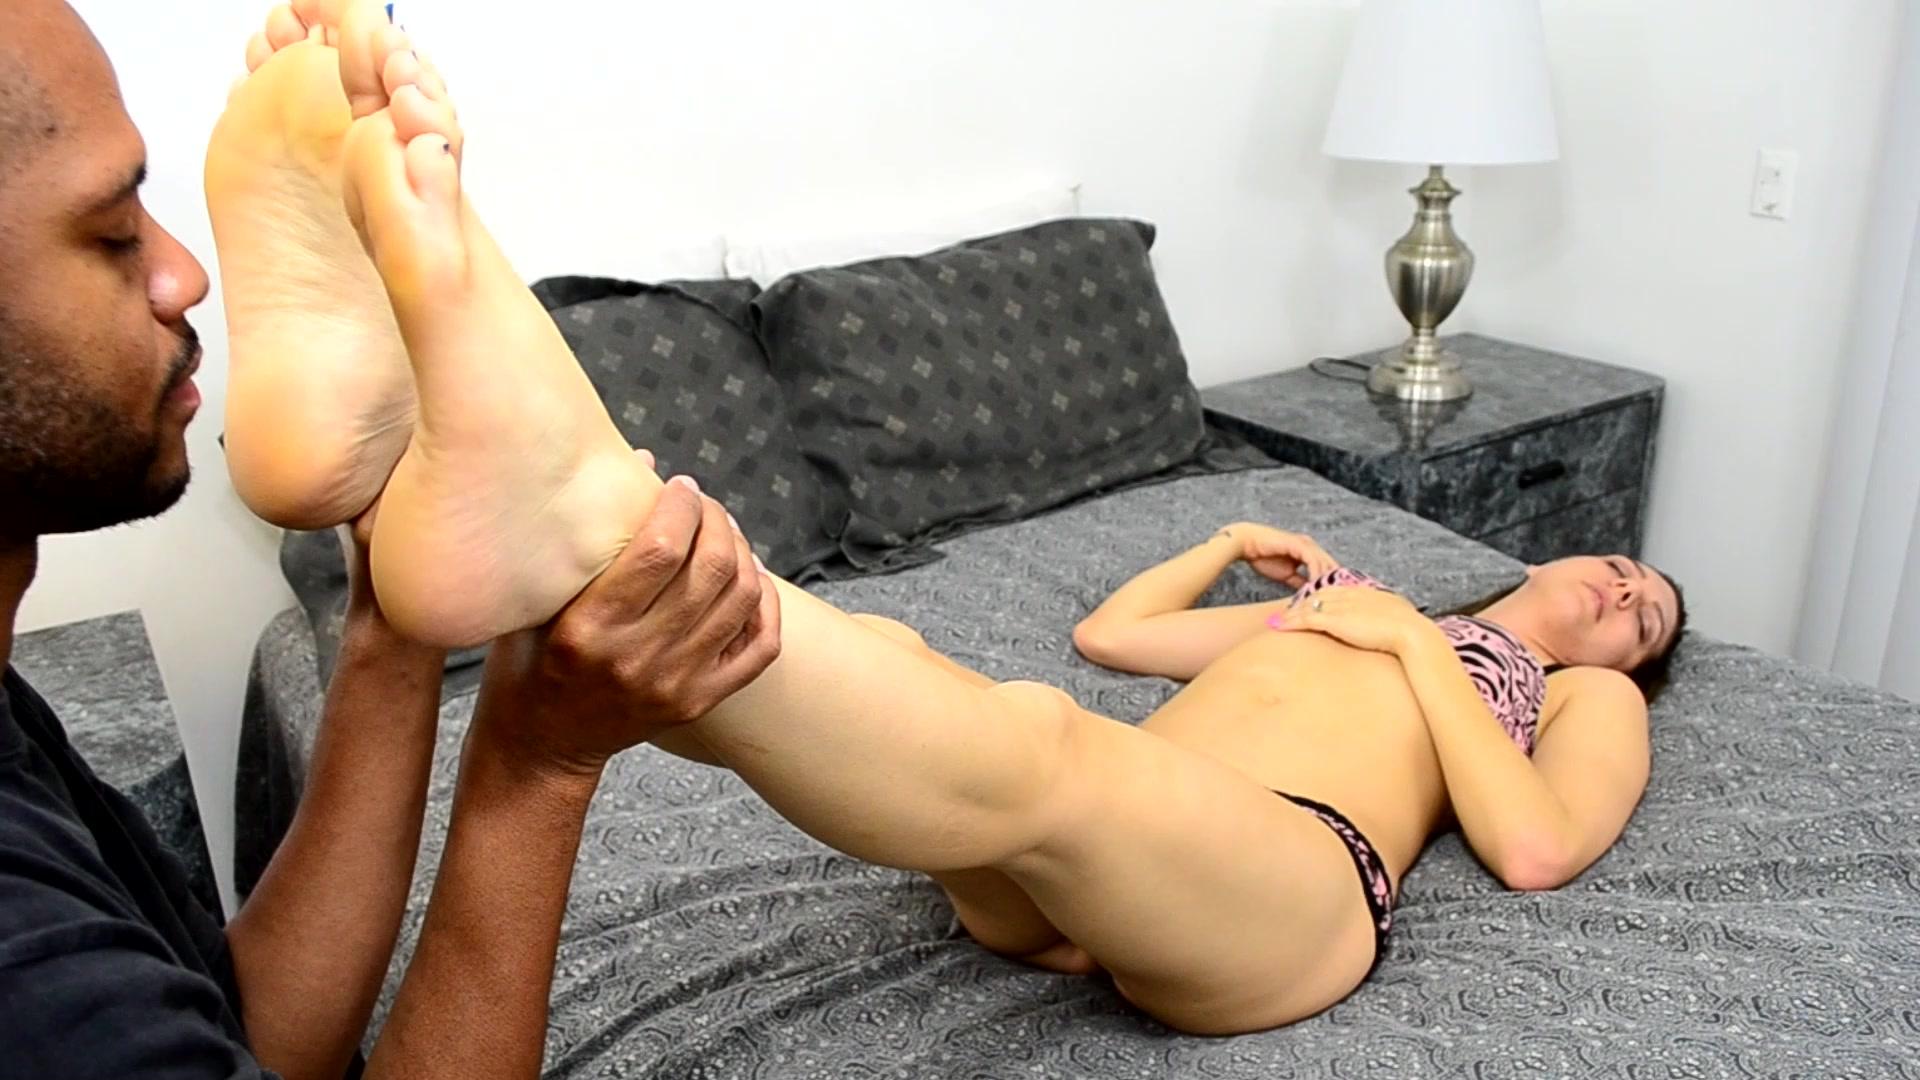 Dakota Skye Lesbian Feet